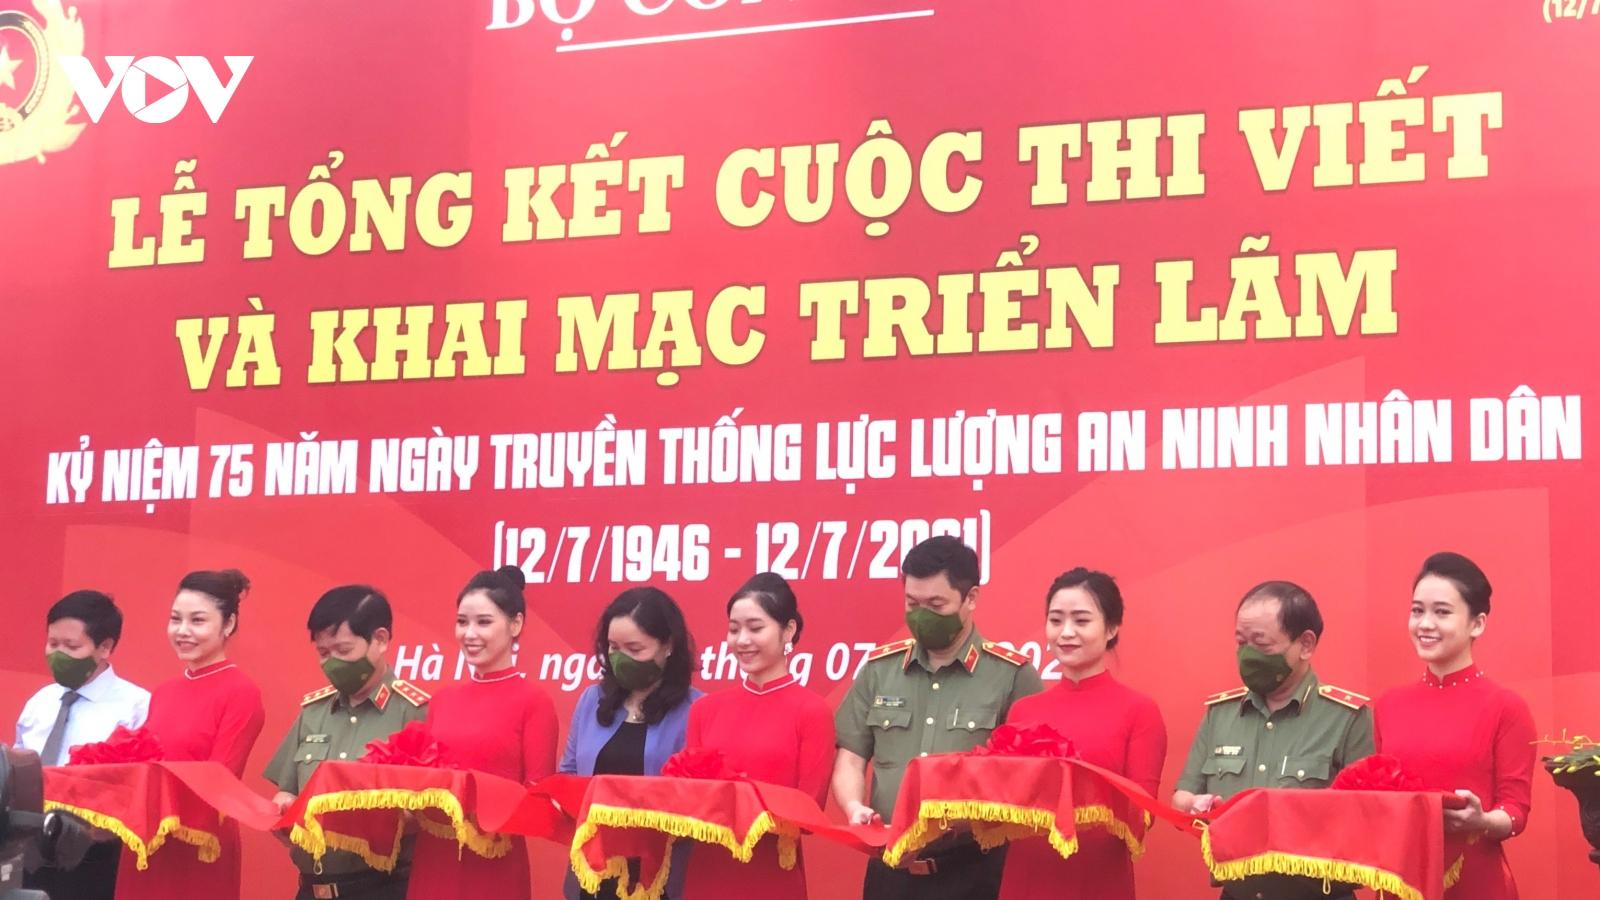 """Trao giải cuộc thi viết và khai mạc triển lãm """"75 năm lực lượng ANND Việt Nam Anh hùng"""""""